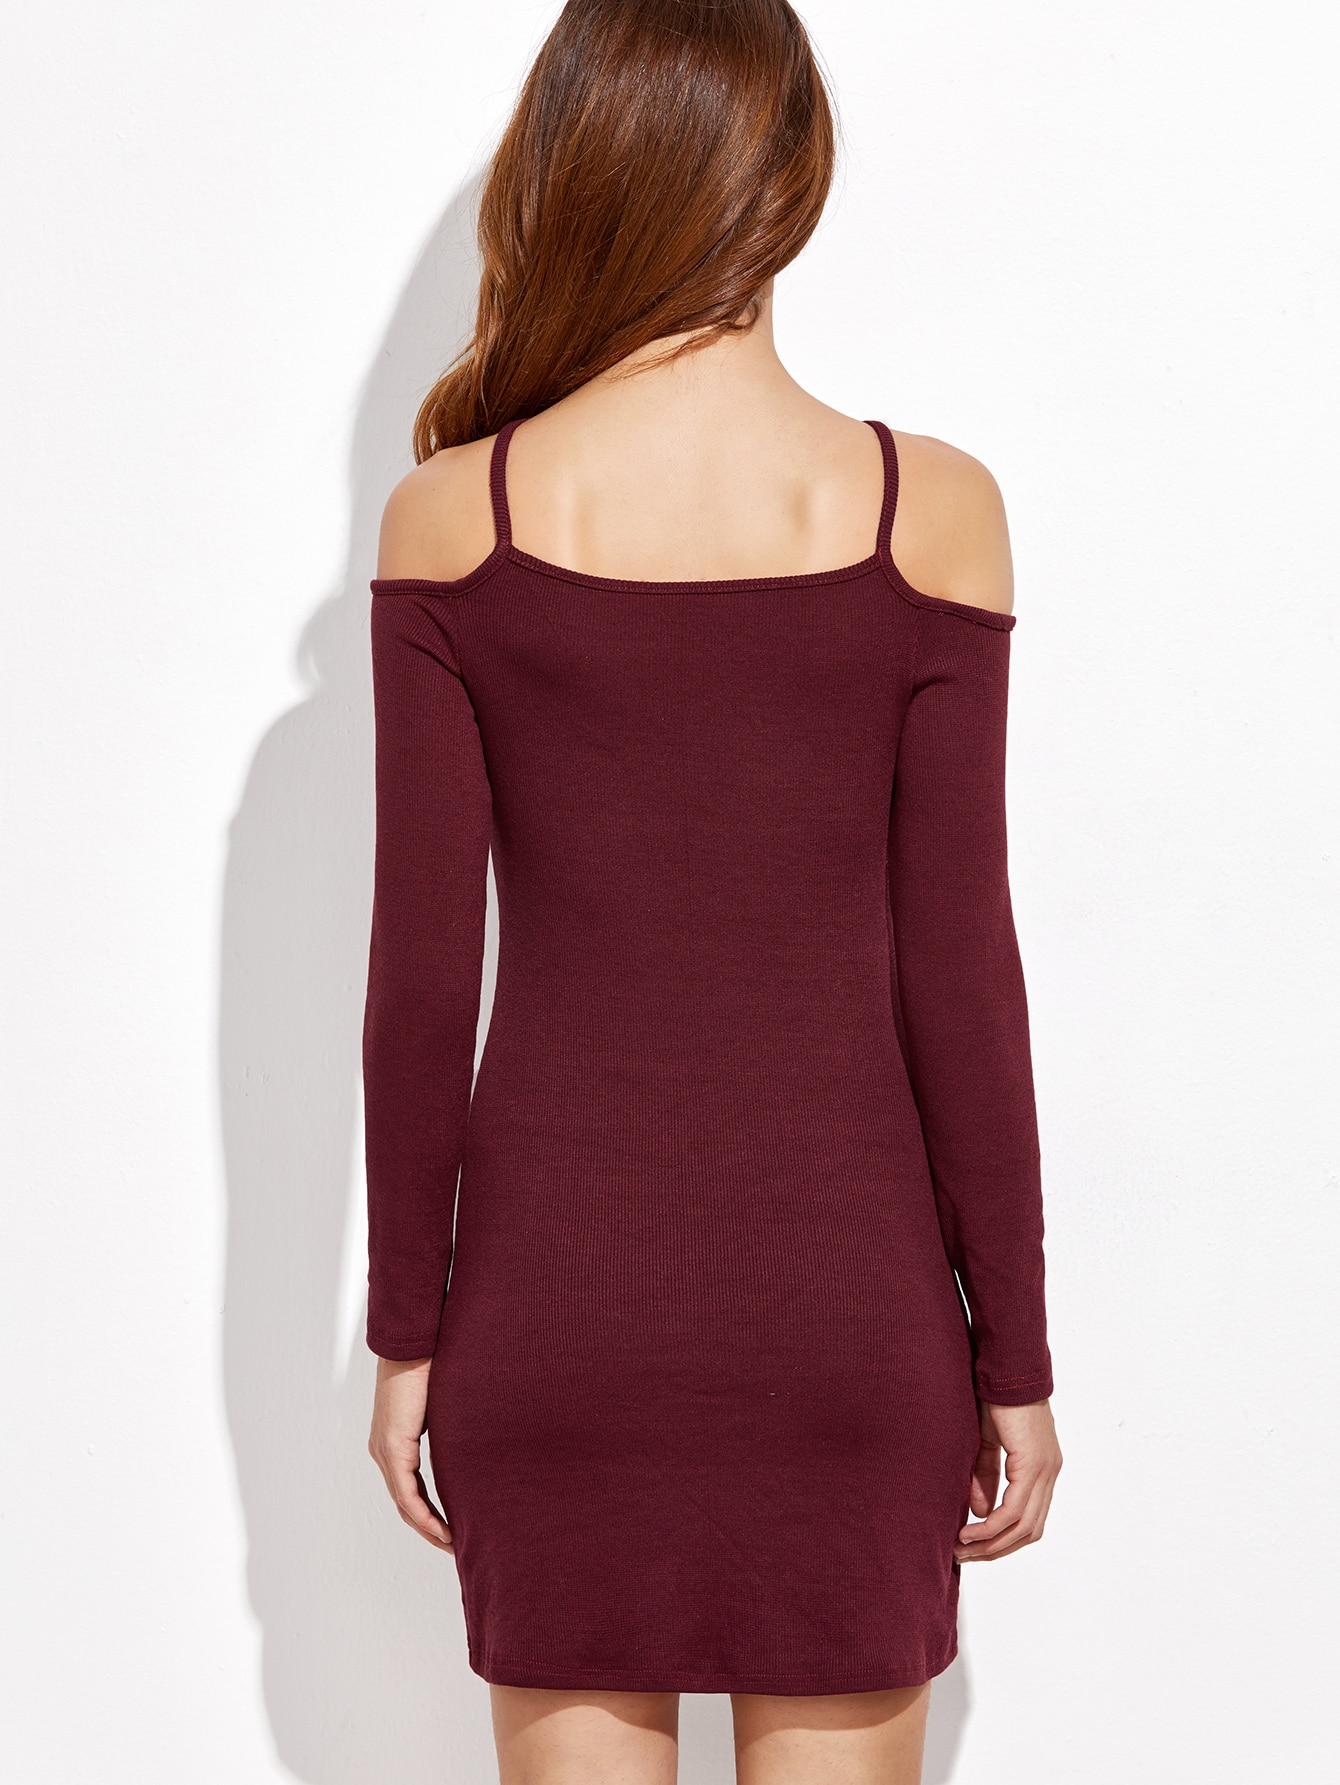 dress161006001_2